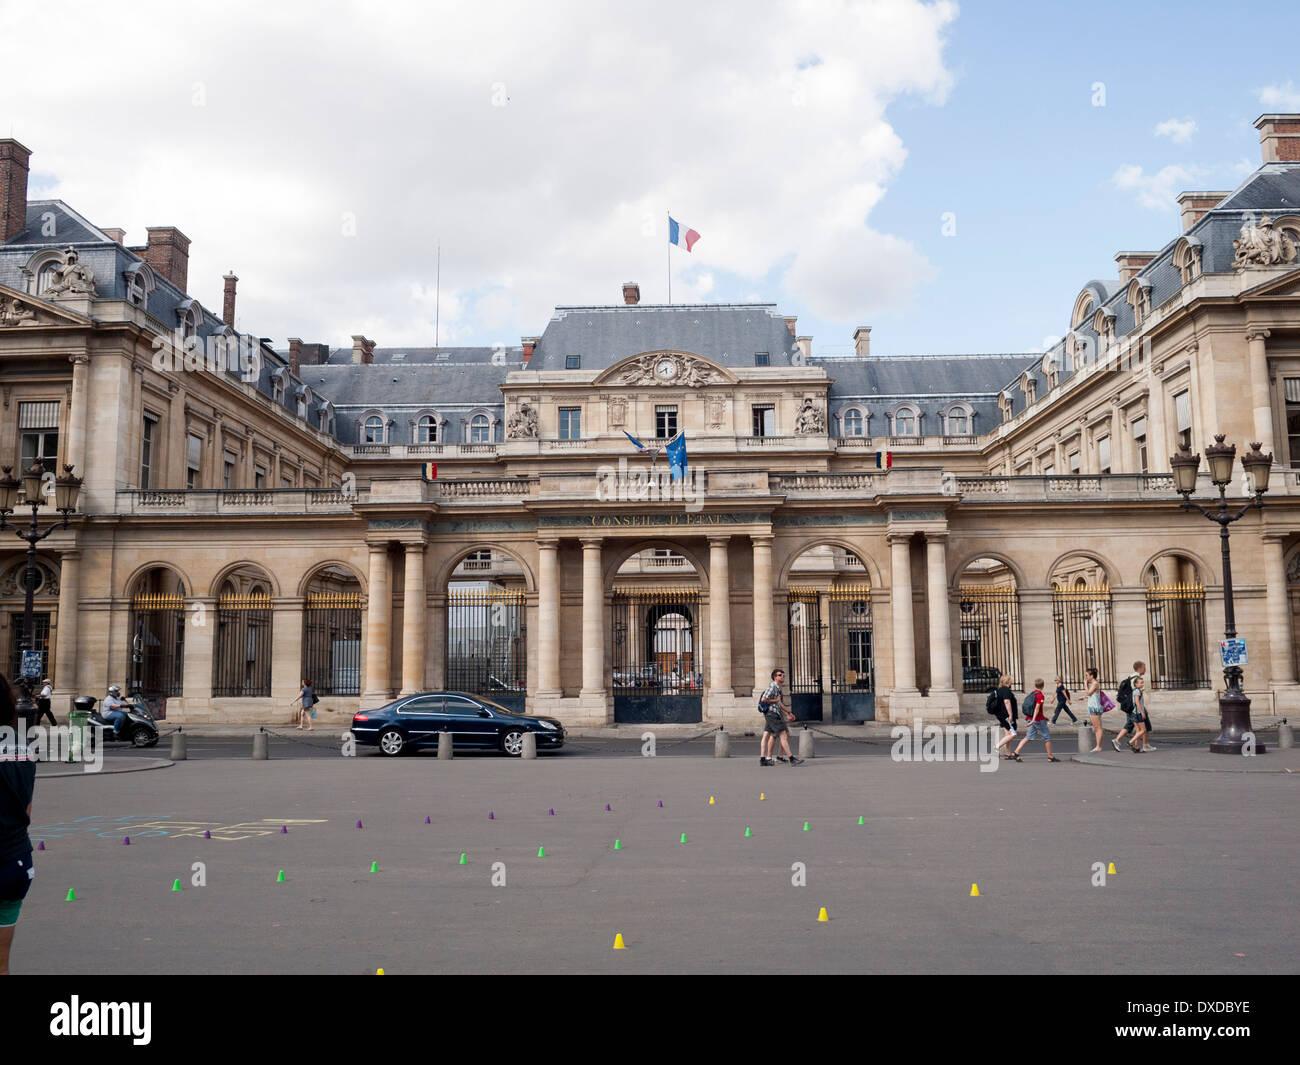 Conseil D'Etat, Palais Royal, Paris France - Stock Image